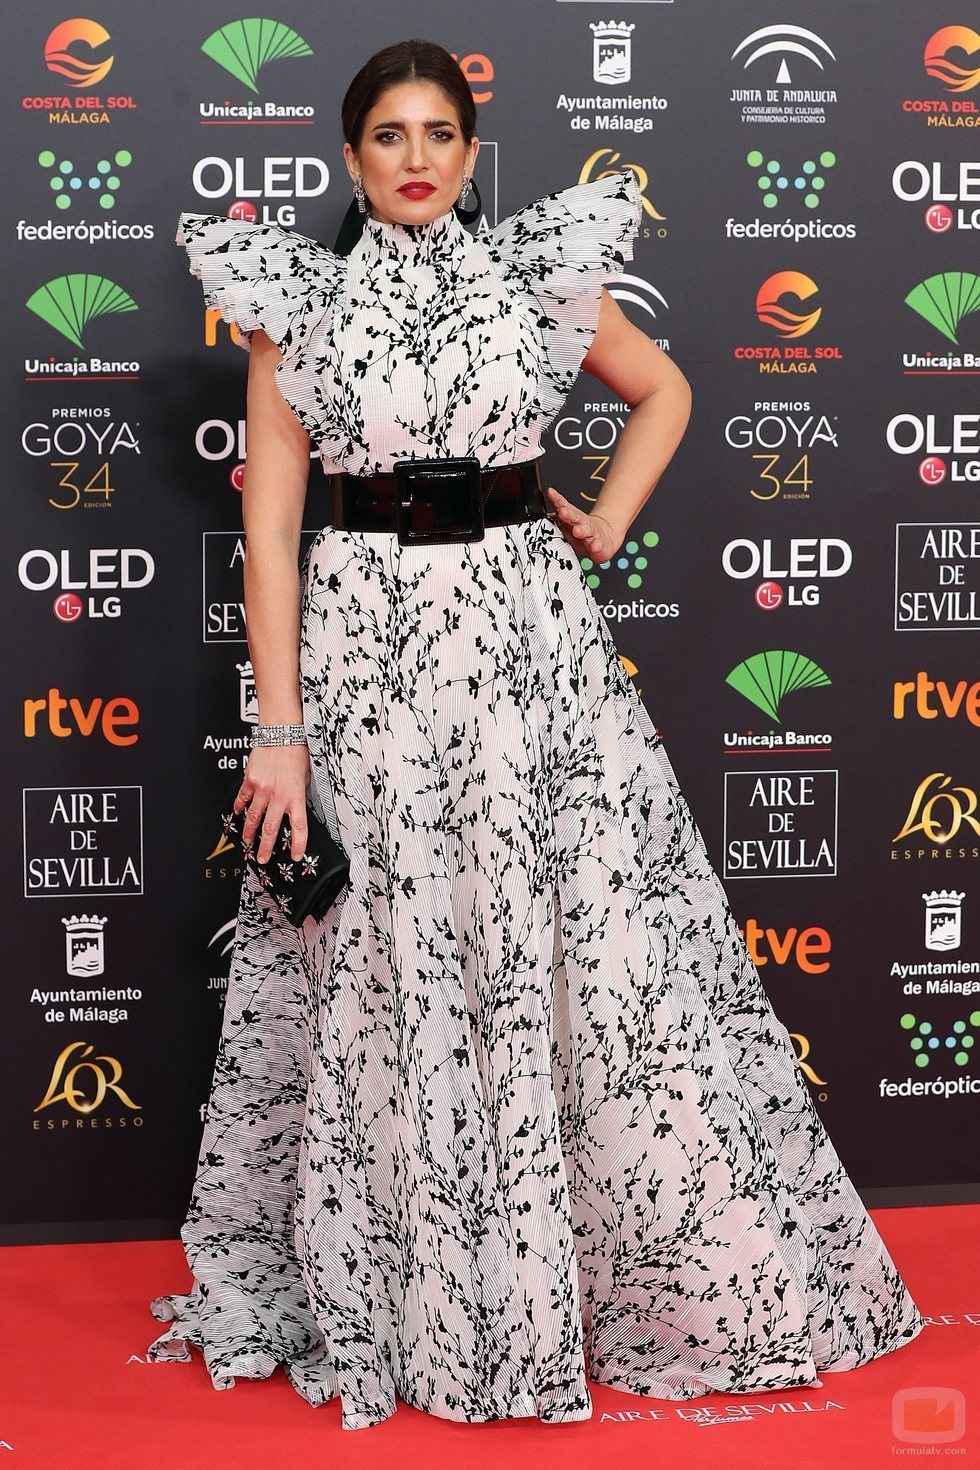 Lucía Jiménez posa en la alfombra roja de los Premios Goya 2020